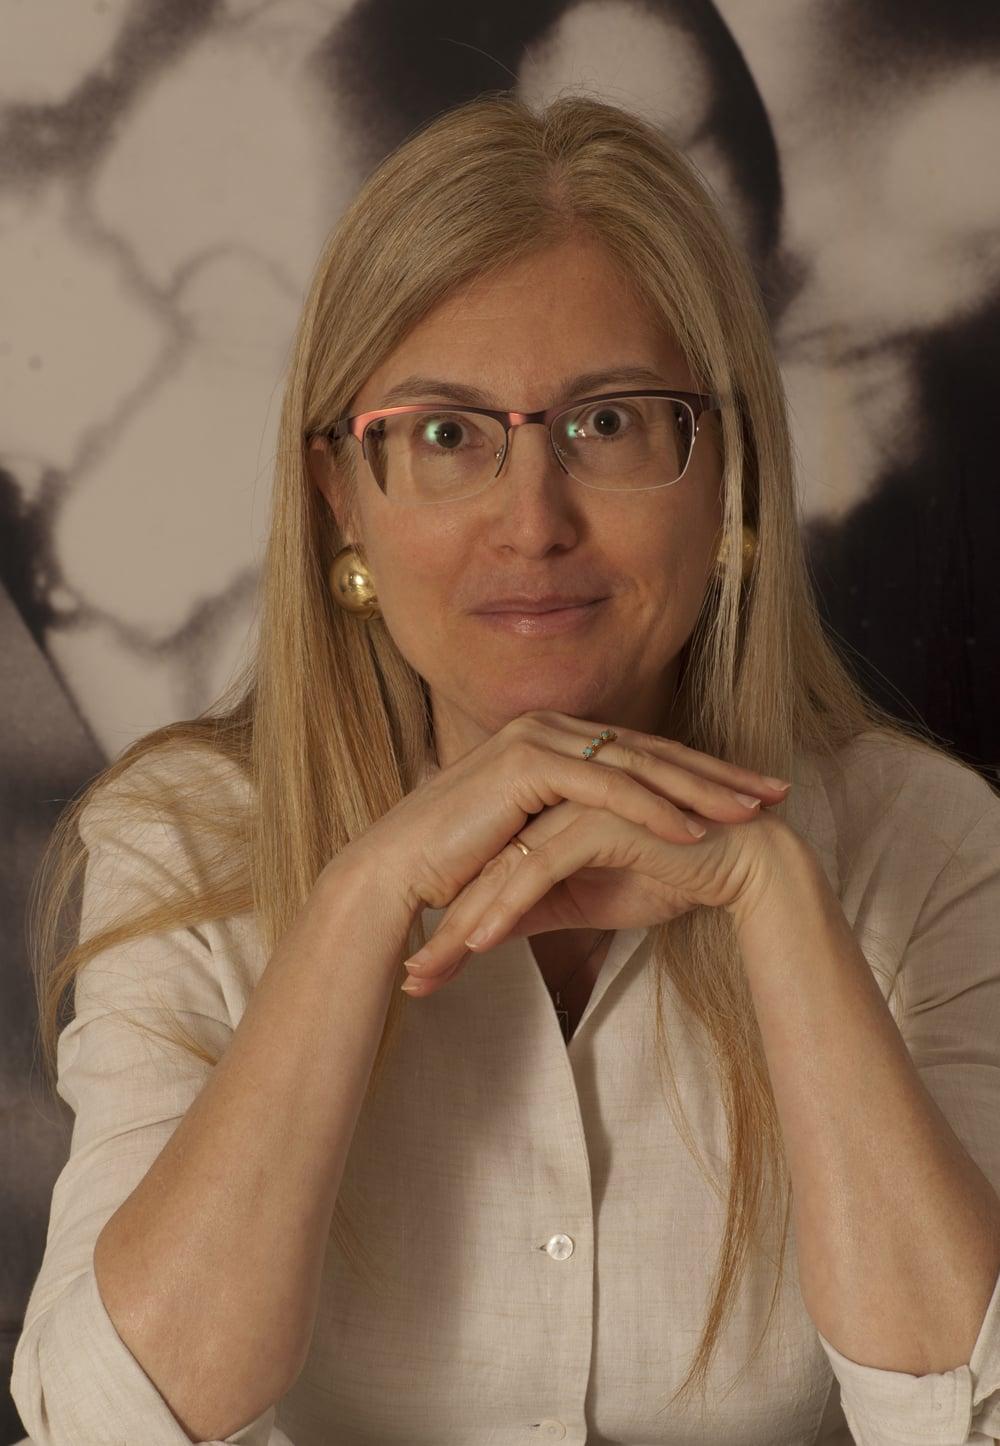 Terapias de psicología y sexología enfocadas al bienestar integral de las personas - Georgina Burgos, especialista en psicología y sexología